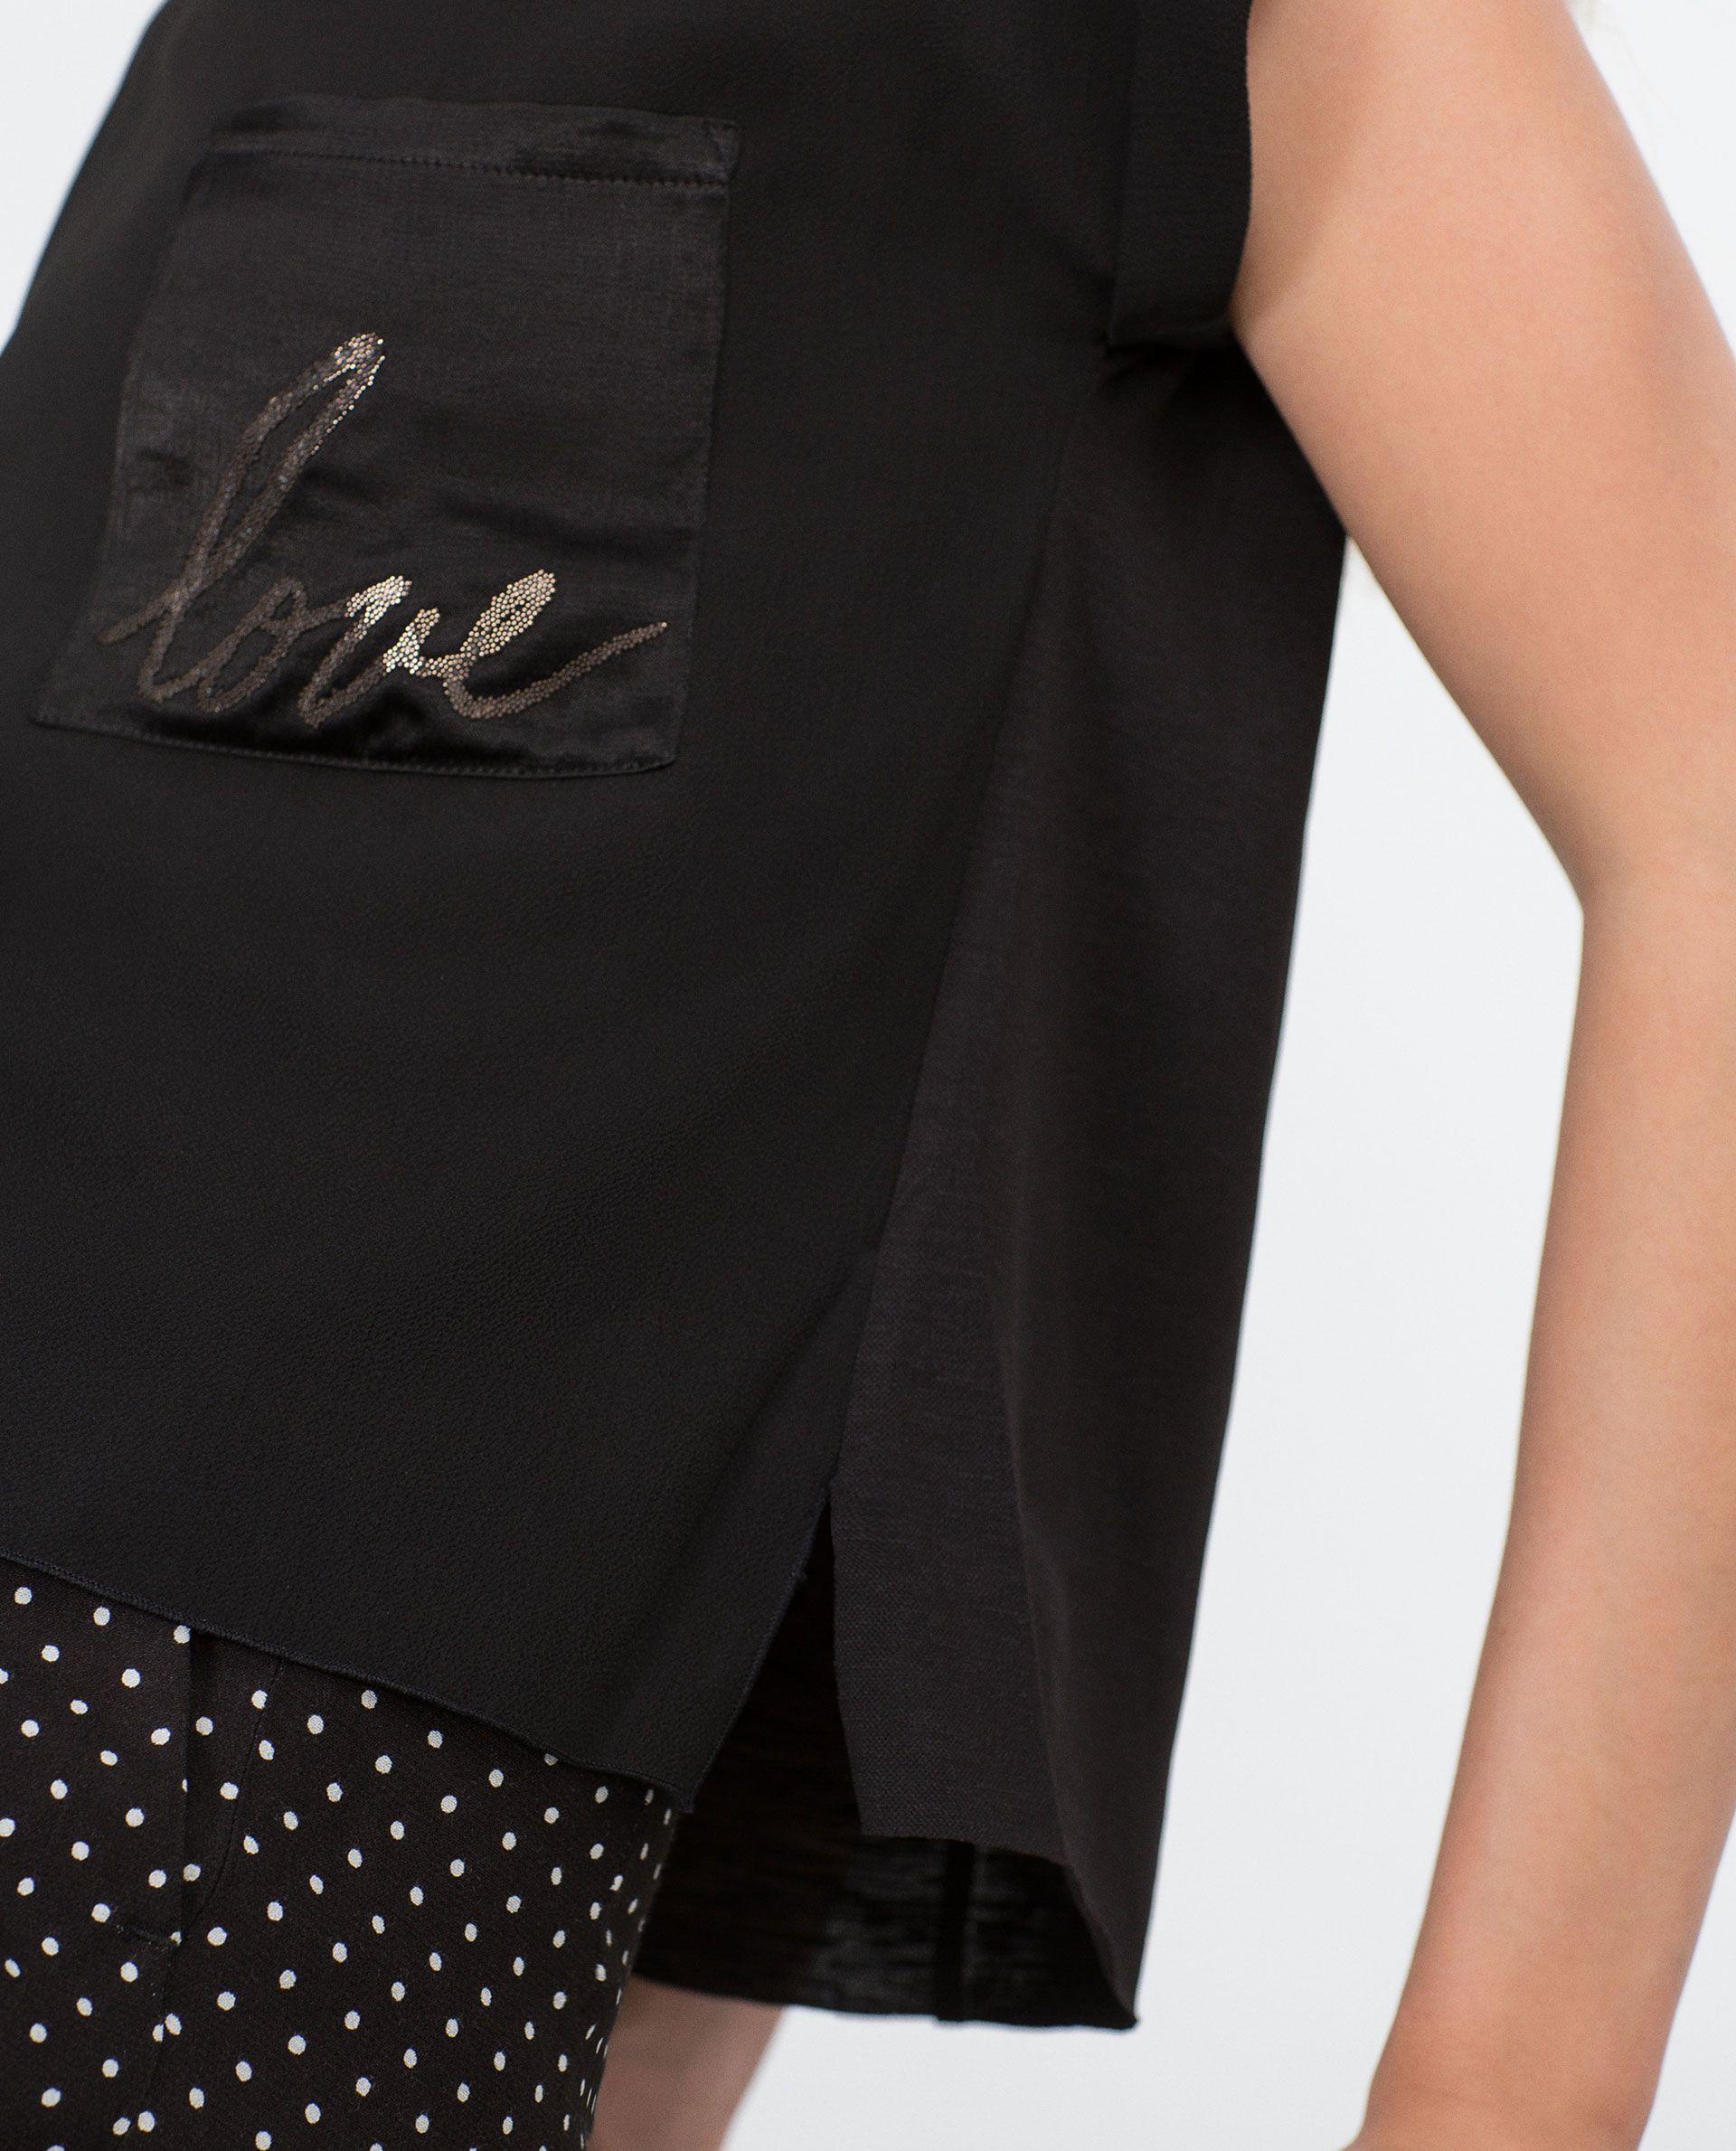 TEXT T - SHIRT - Plain - T - shirts - WOMAN   ZARA United Kingdom